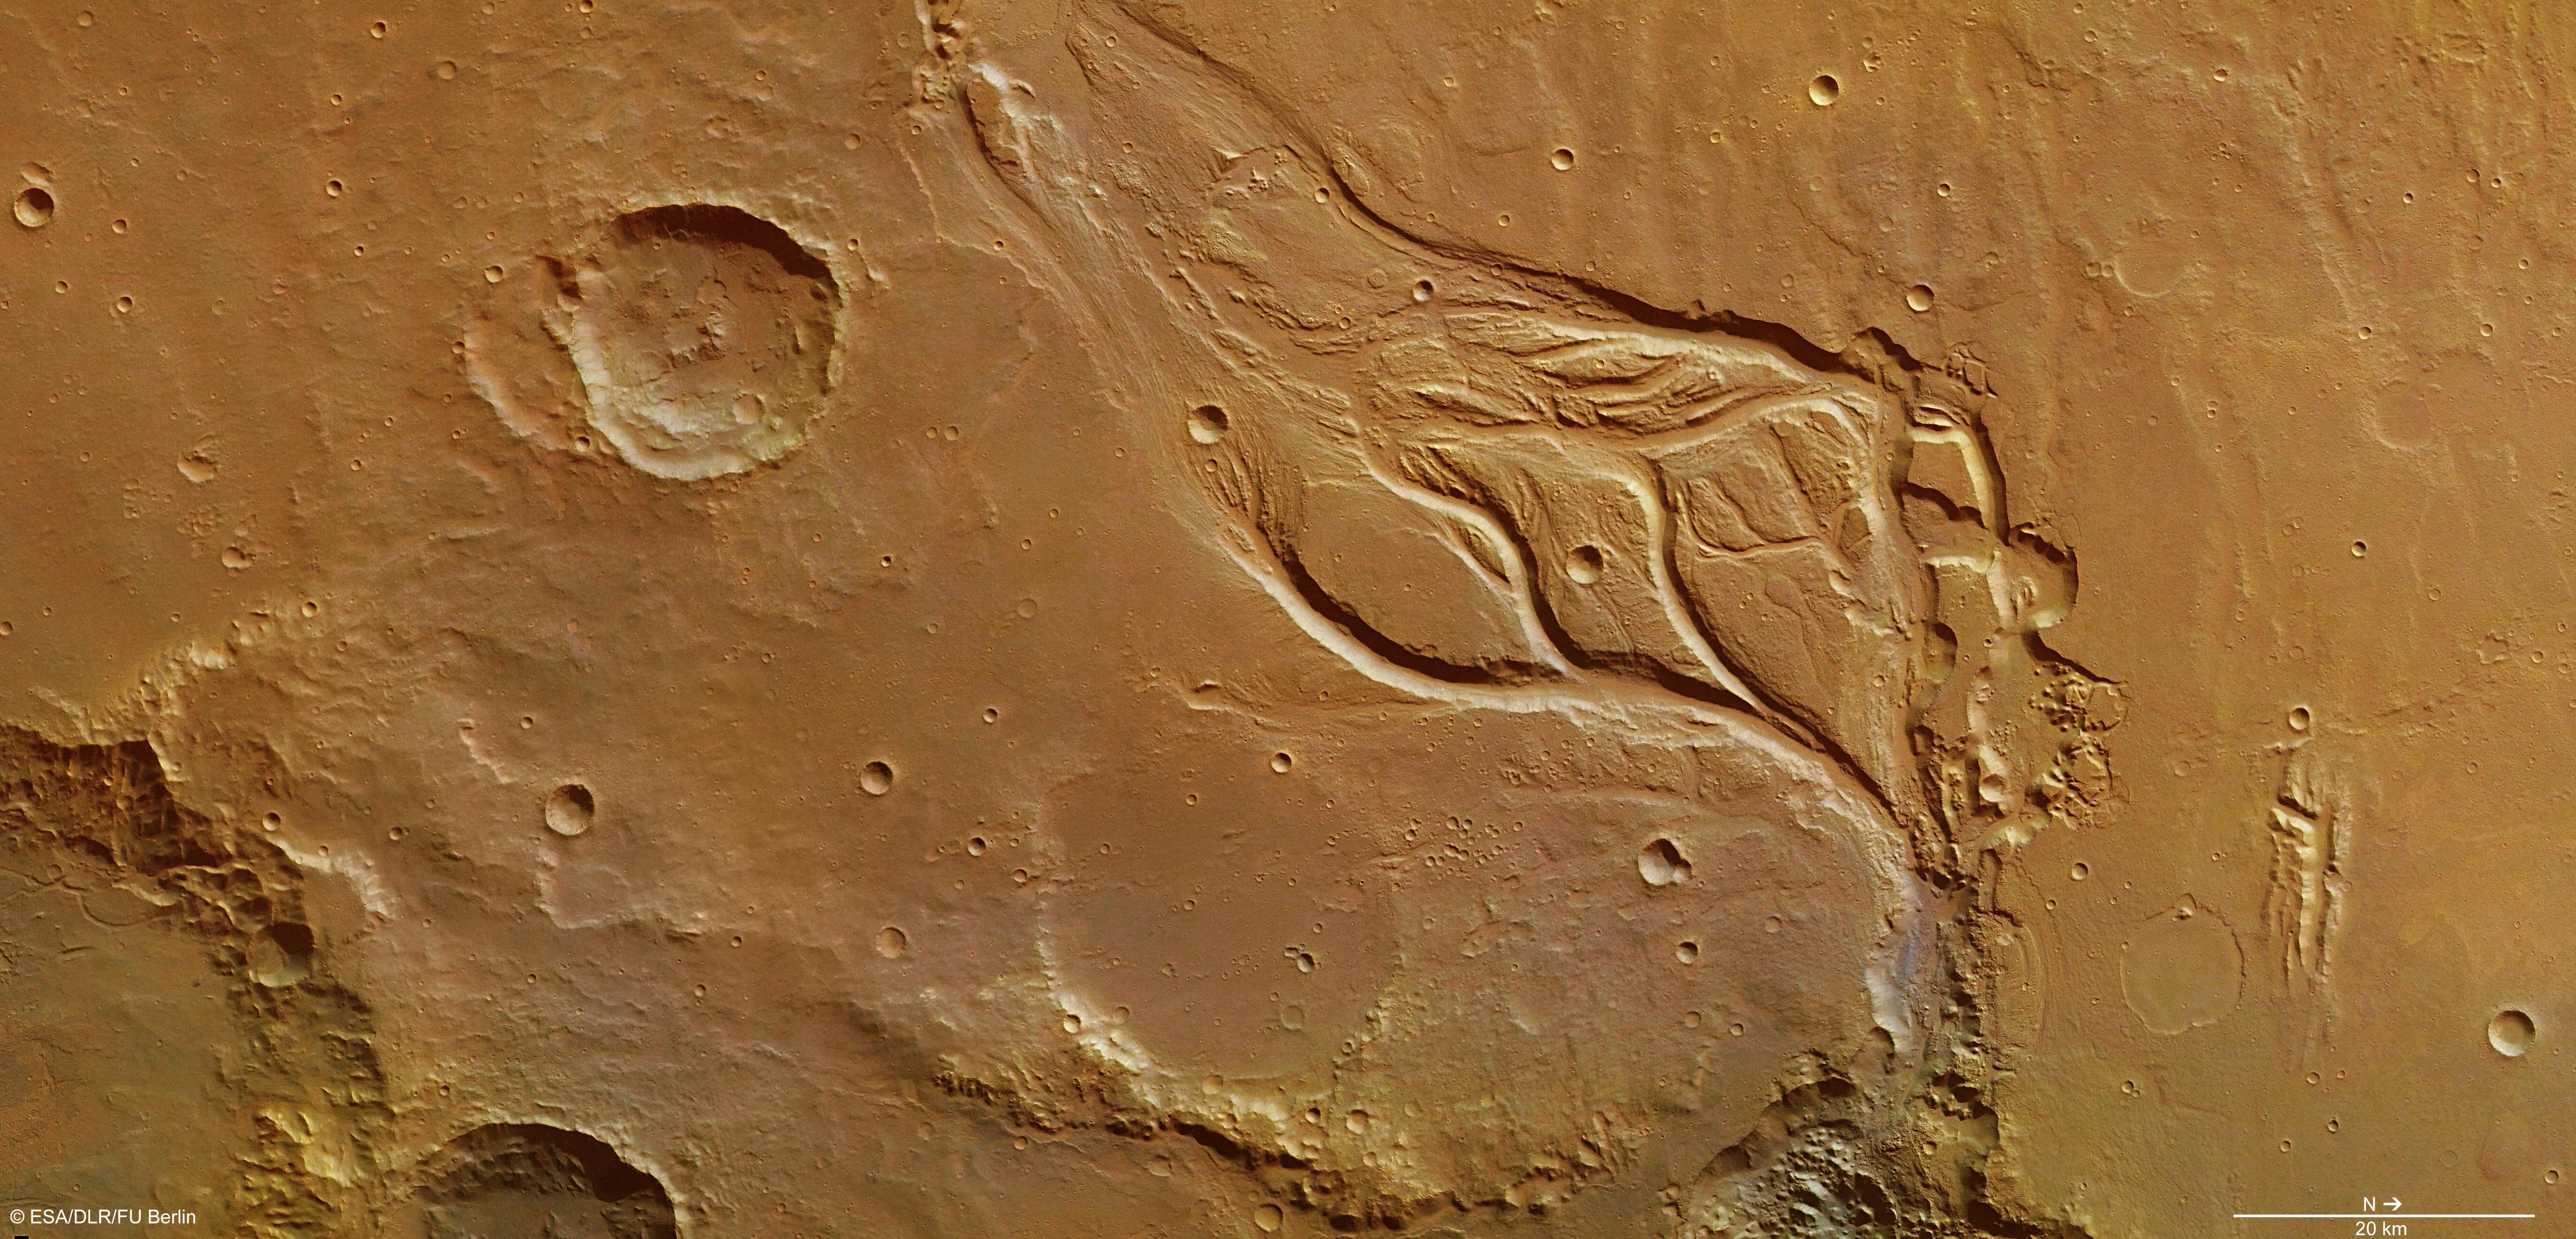 venus planet river beds - photo #14